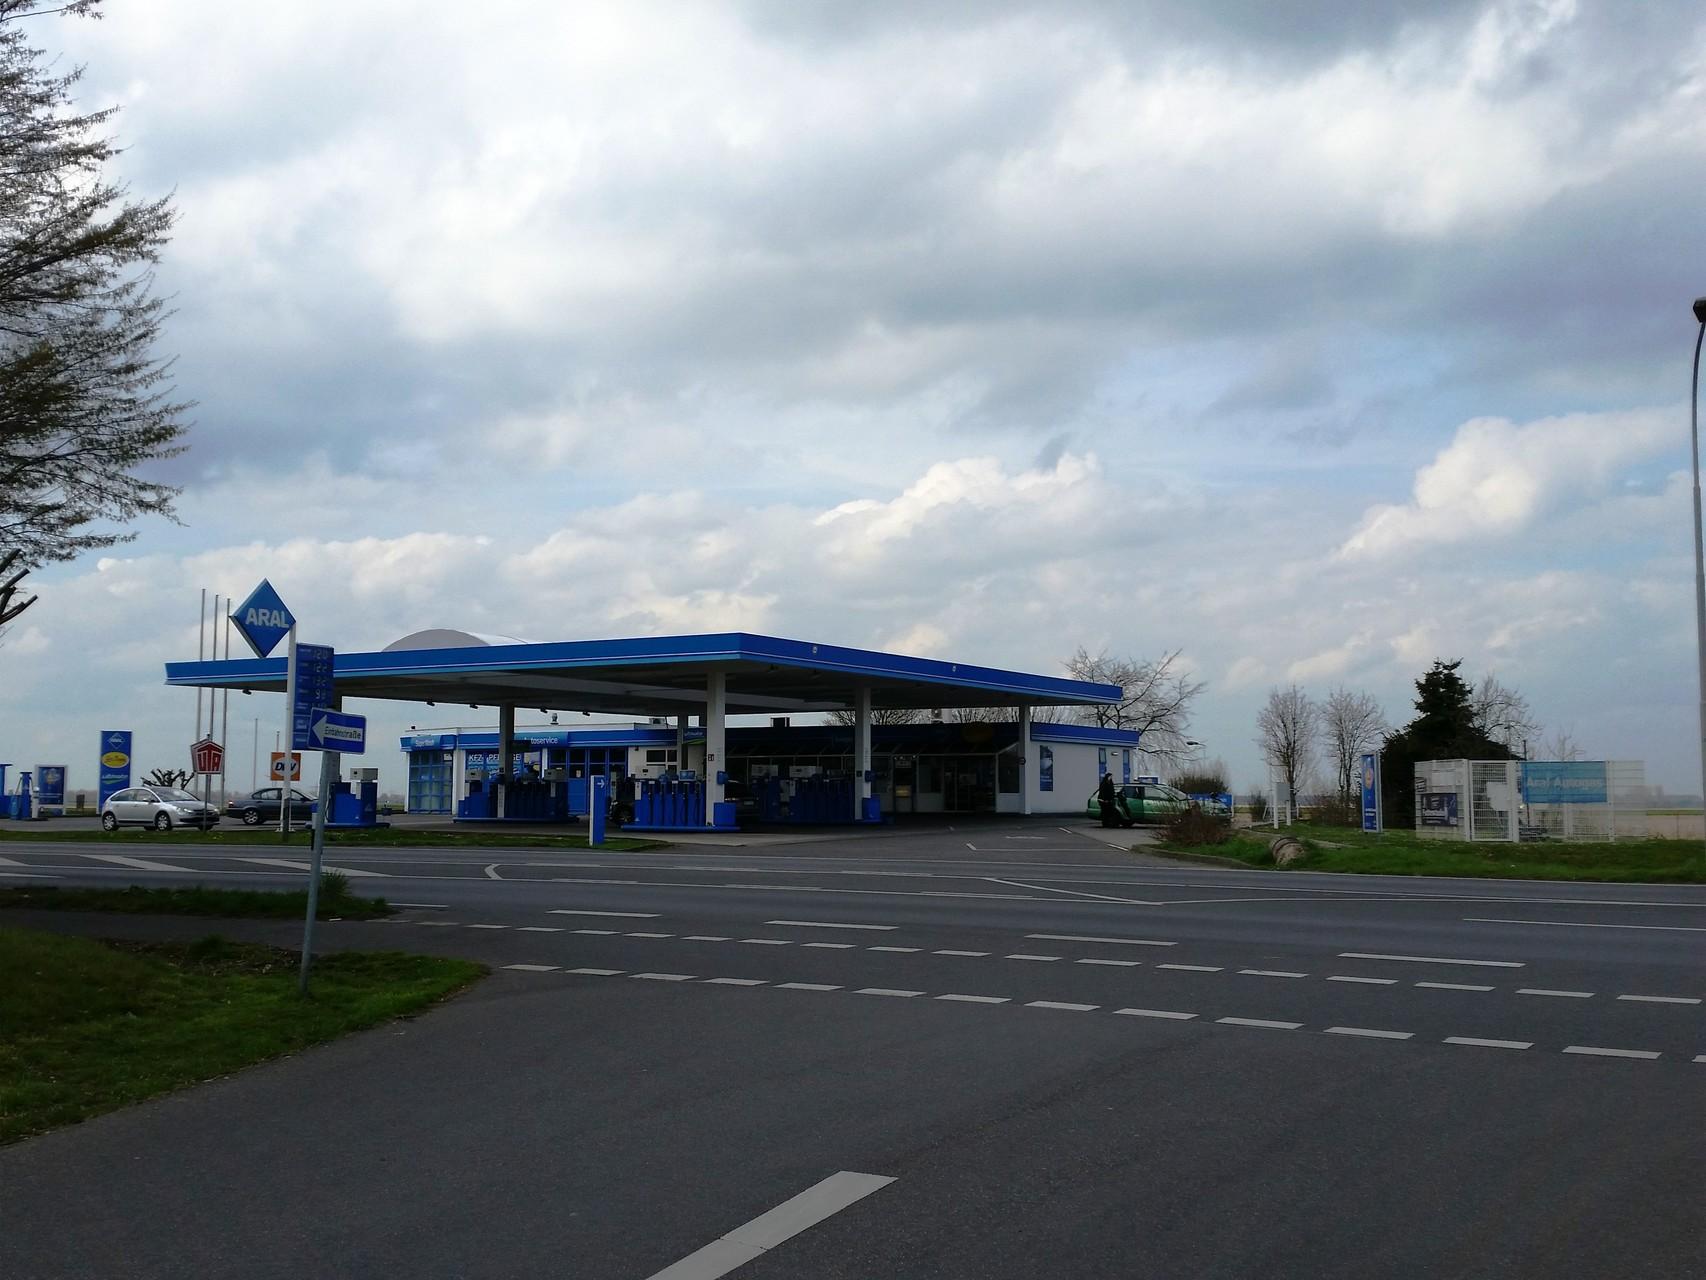 ARAL-Tankstelle, auch mit Autogas (LPG)